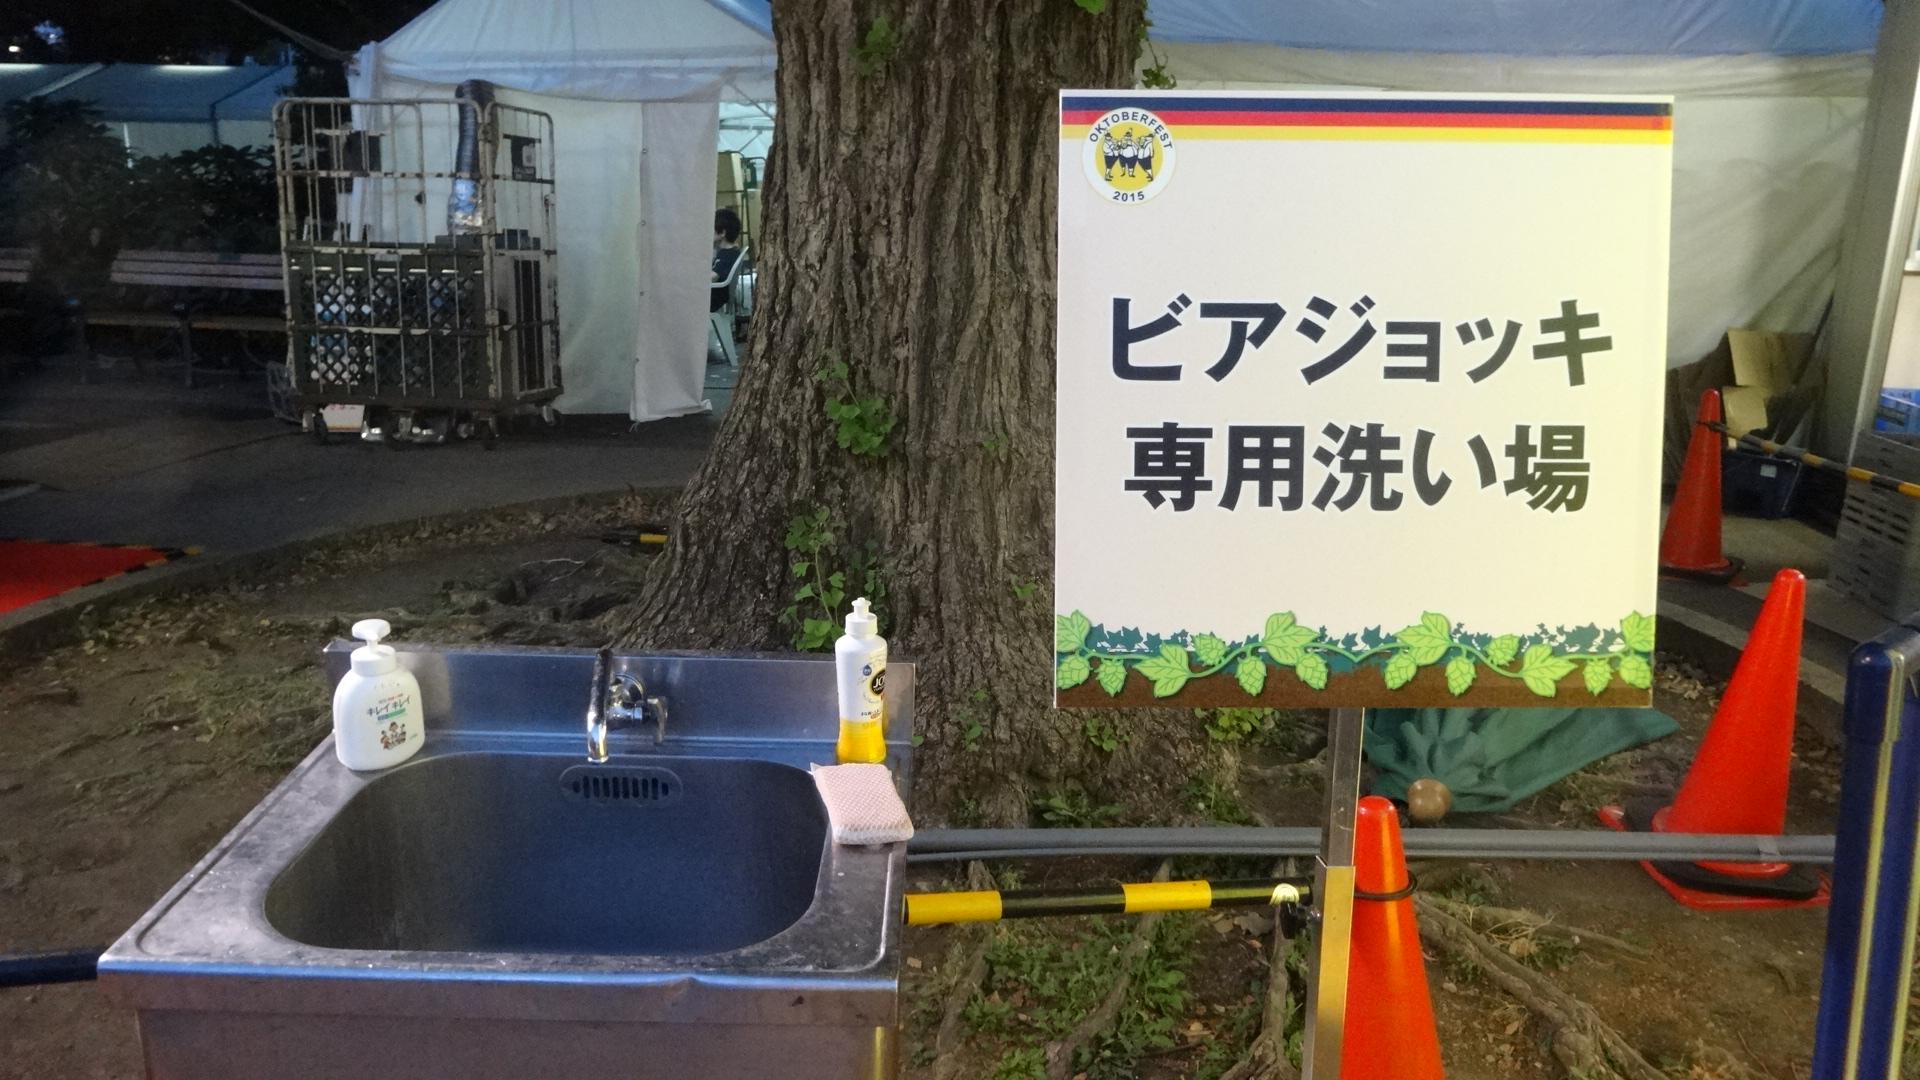 ビアジョッキ専用洗い場